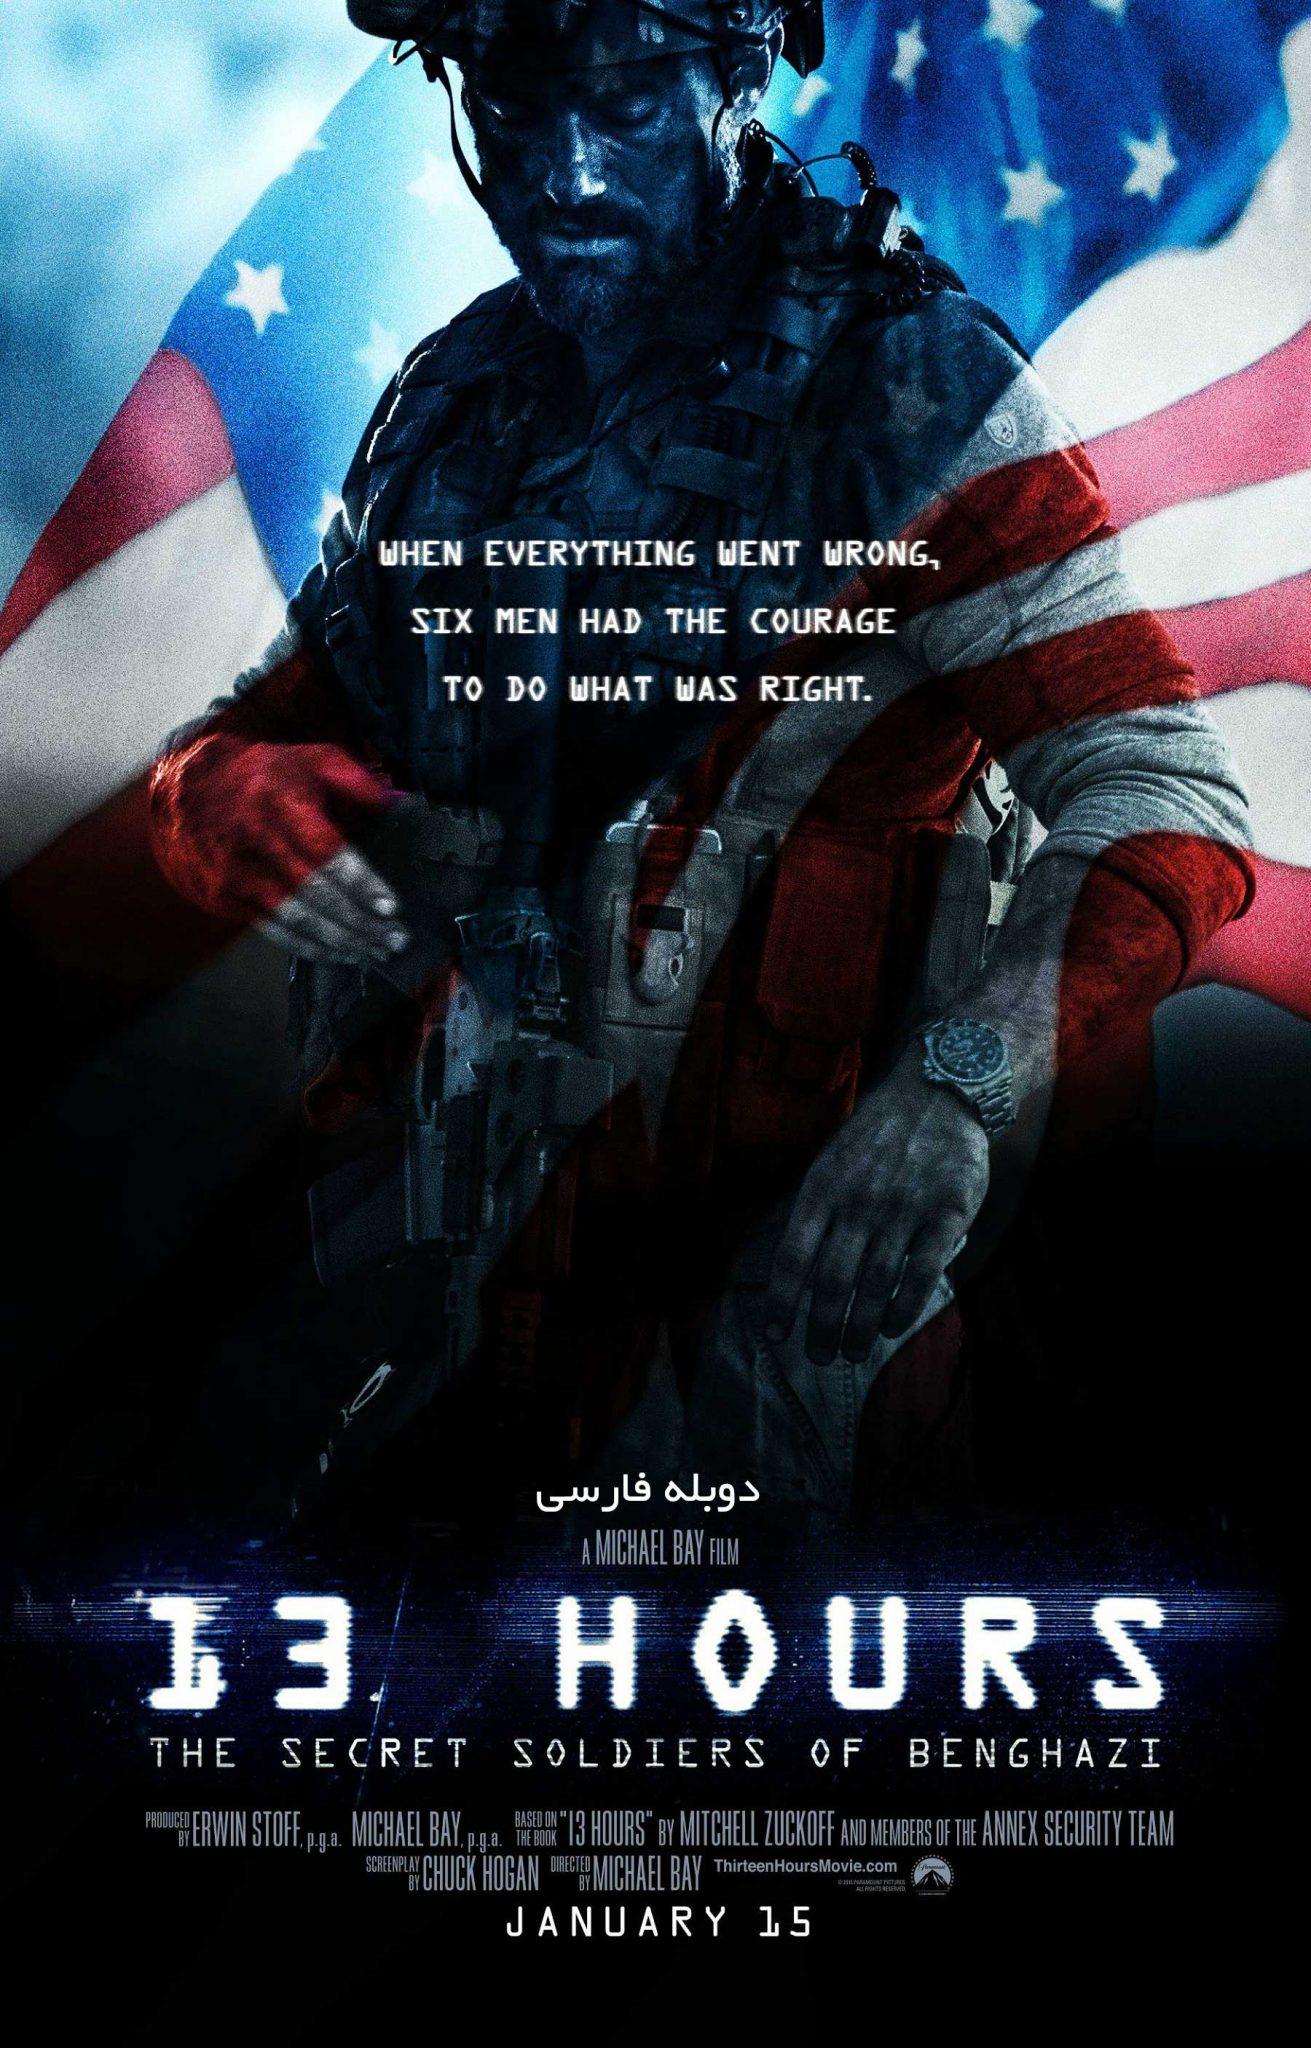 دانلود فیلم 13Hours The Secret Soldiers of Benghazi دوبله فارسی